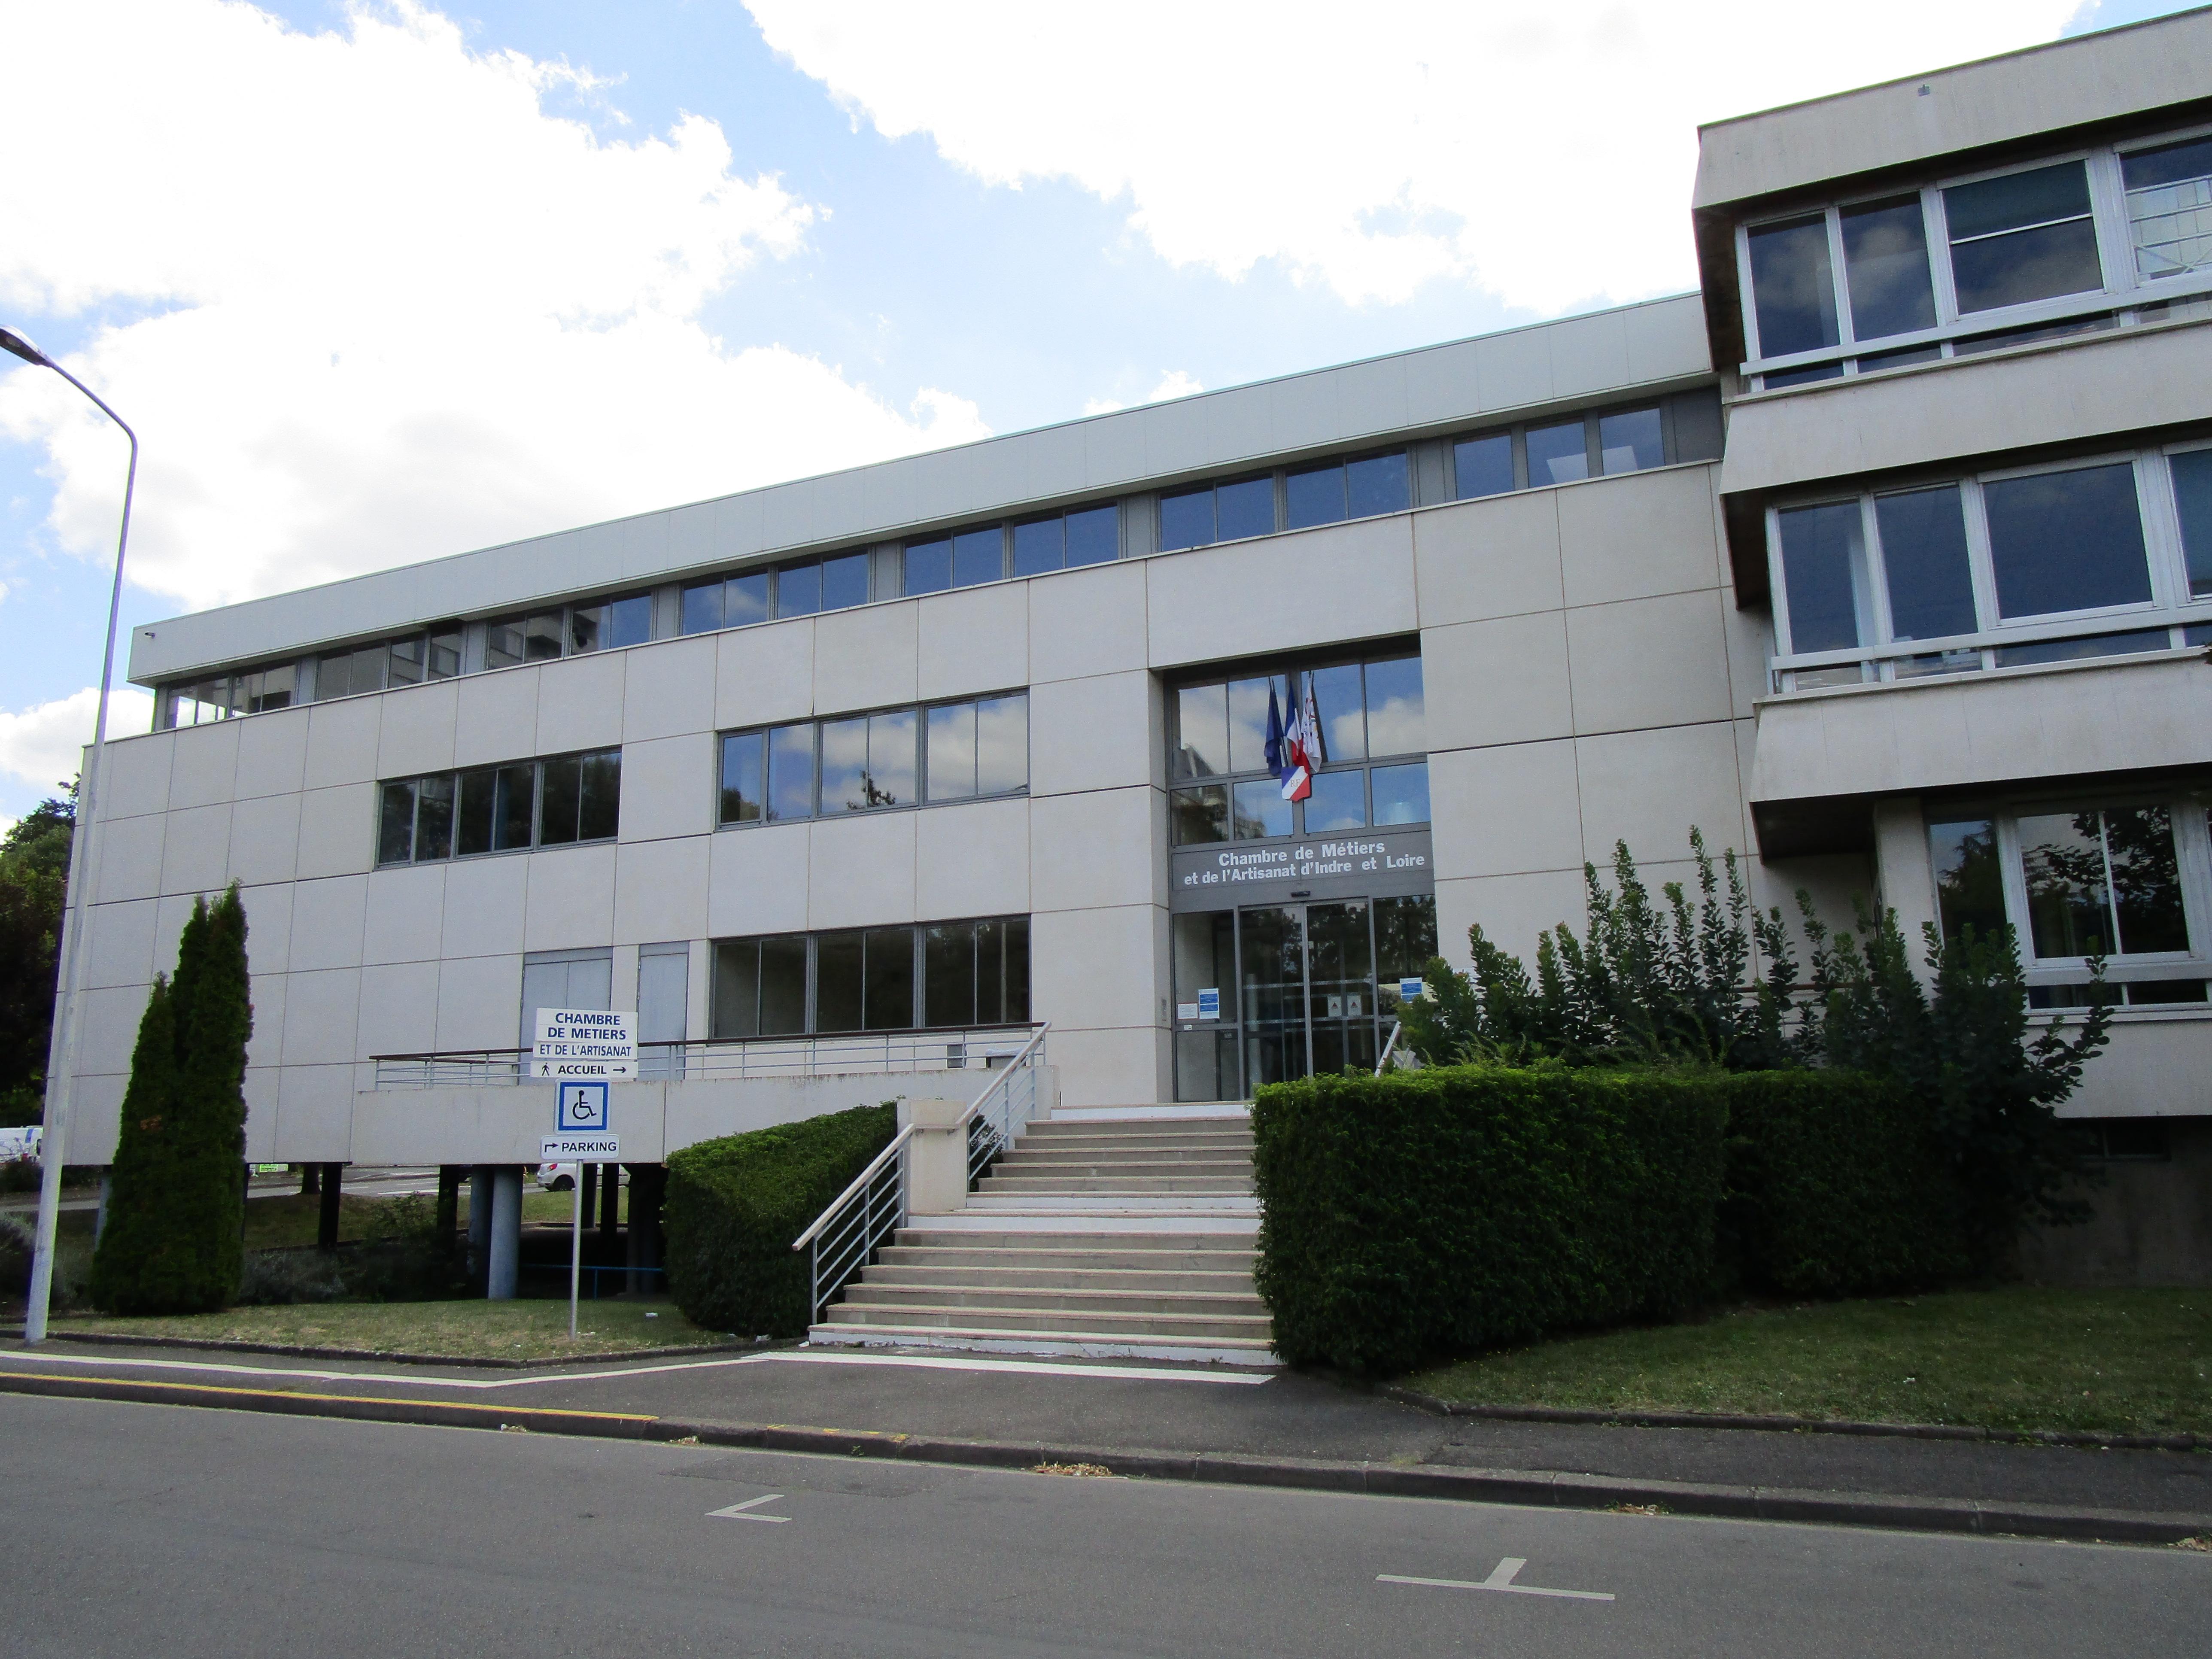 Chambre De Métiers Et De L'artisanat — Wikipédia destiné Chambre Des Metiers Bobigny